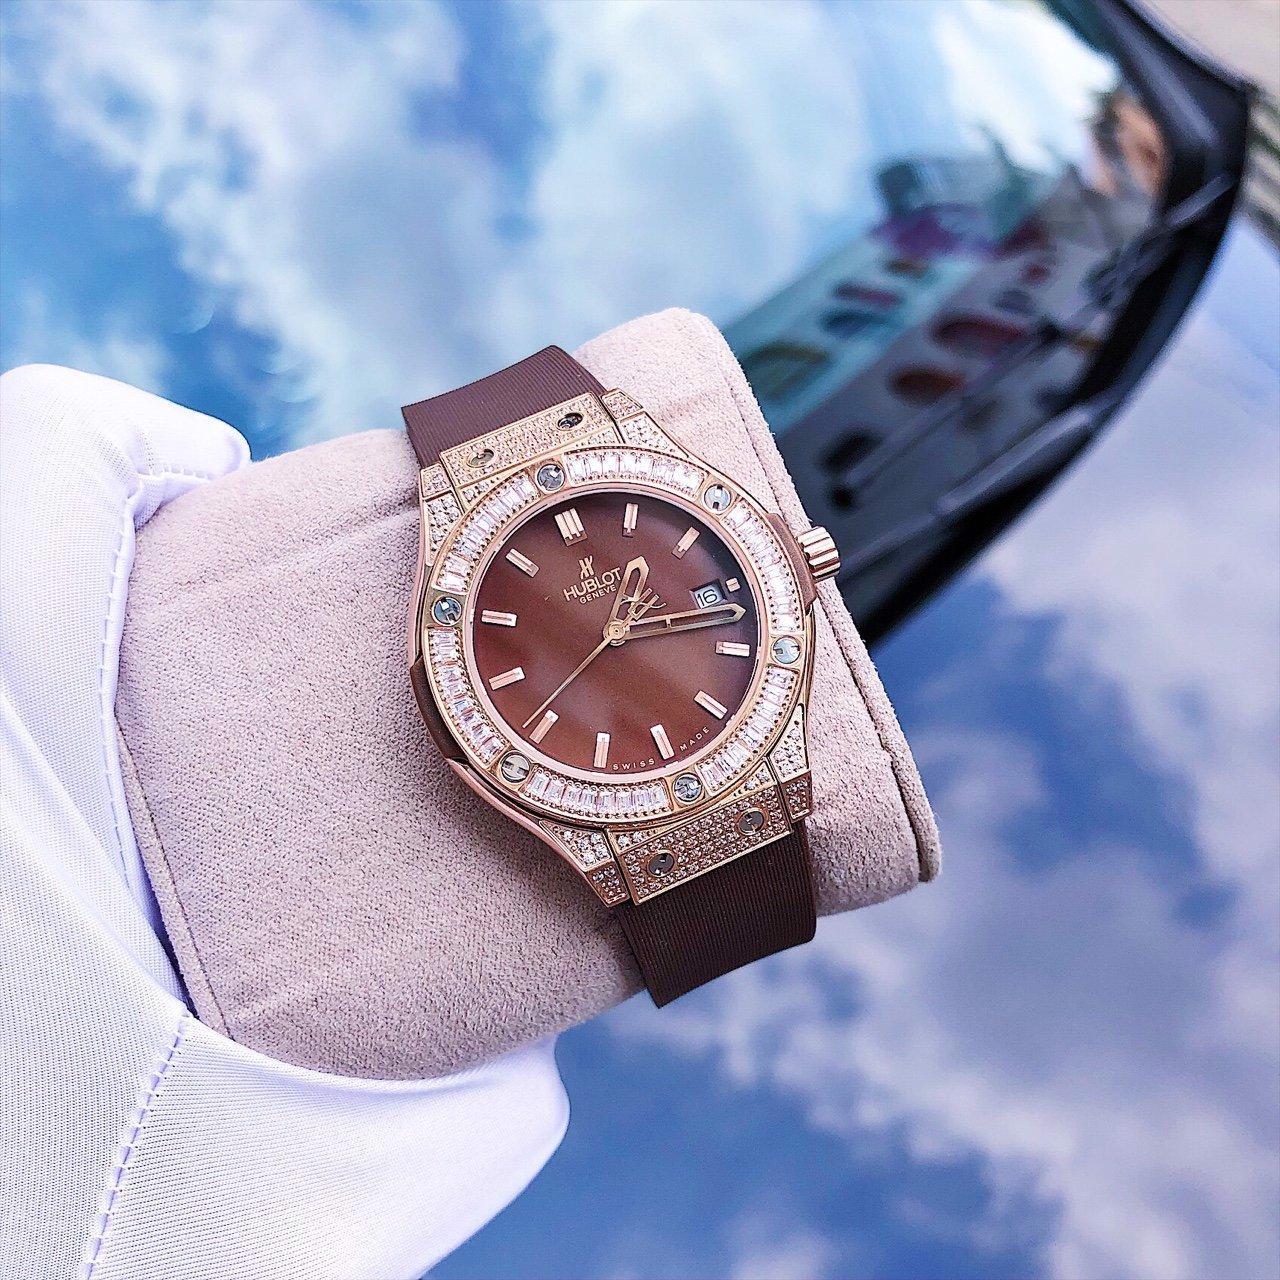 Đồng hồ có thể nói nên được tính cách của người sử dụng